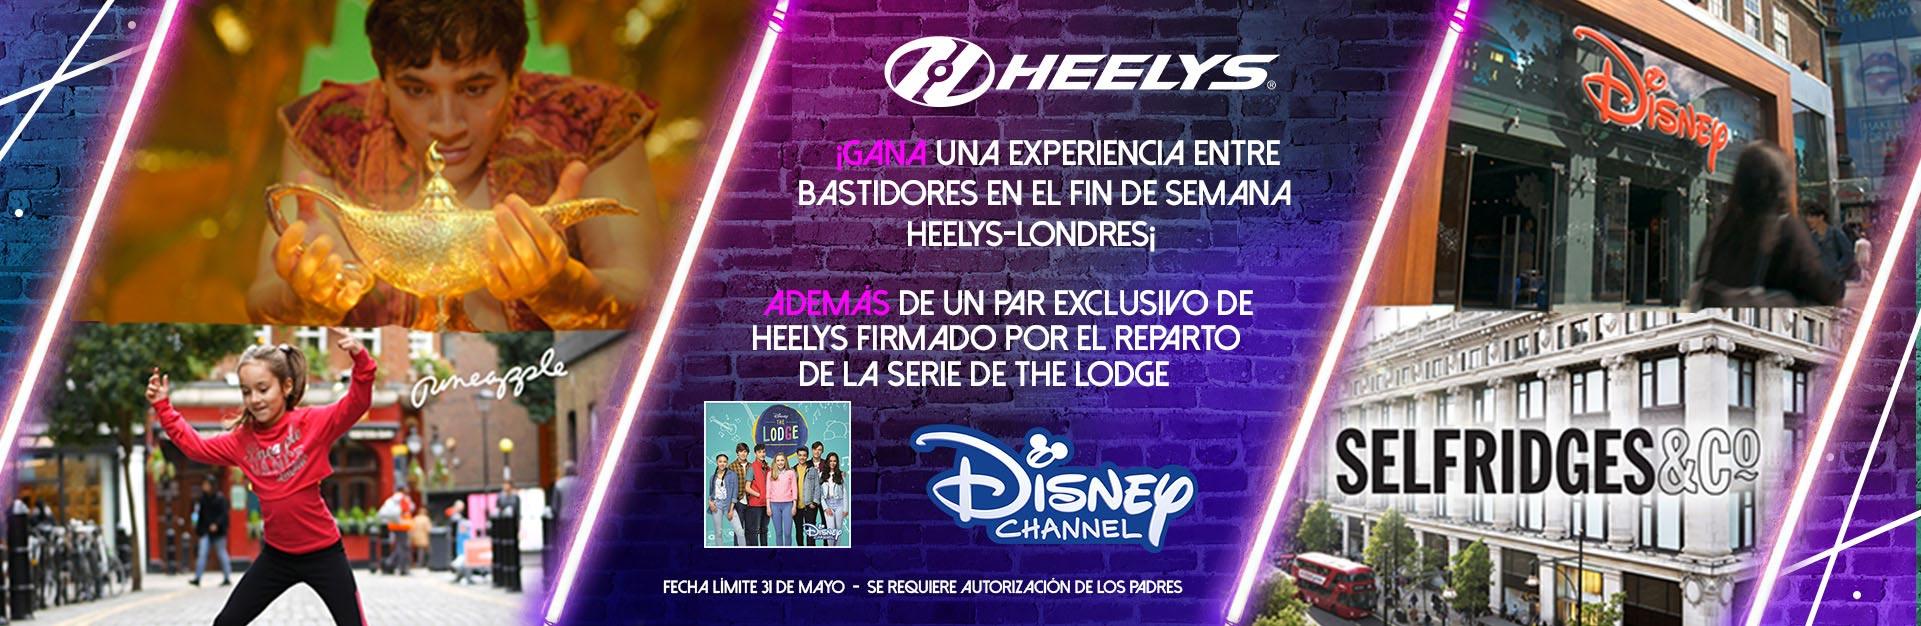 ¡Gana una experiencia entre bastidores en el fin de semana Heelys-Londres¡